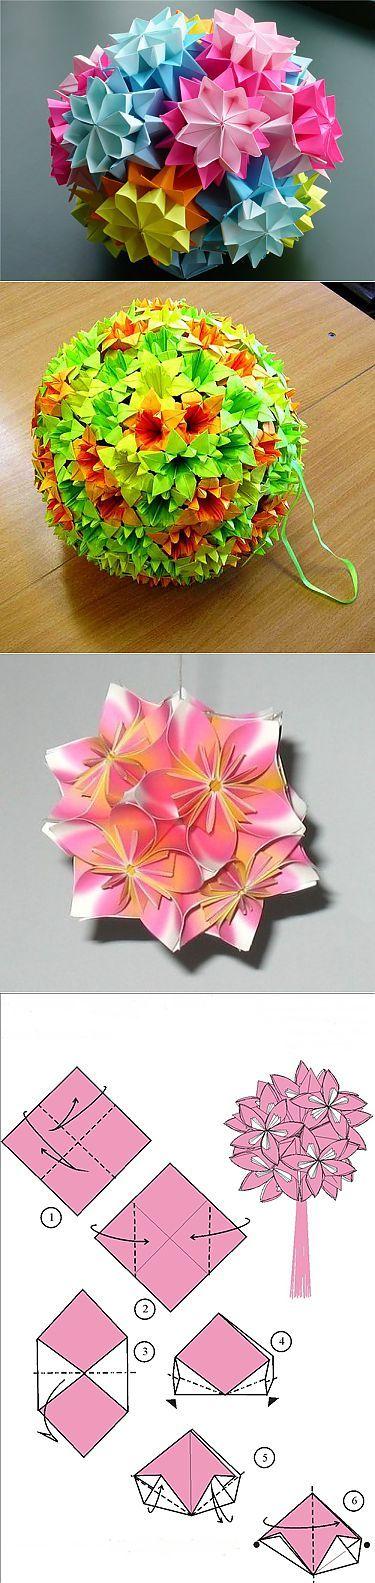 Легкие поделки из бумаги легкие и красивые 6